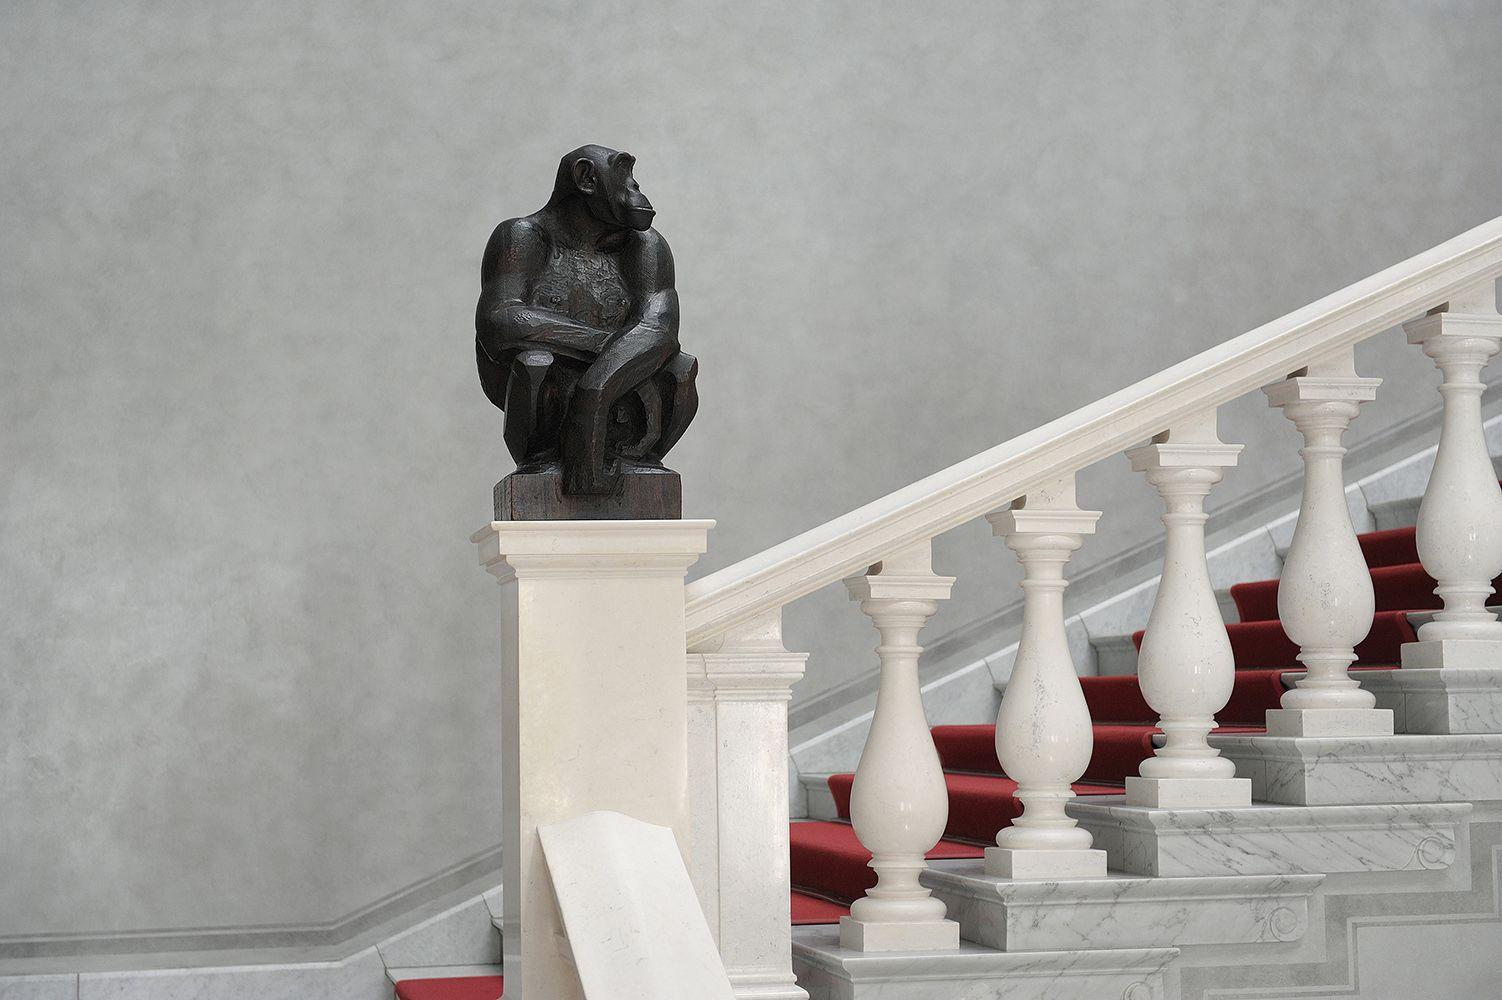 """Anton Puchegger, Schimpansin """"Missie""""  im Treppenhaus der Alten Nationalgalerie. © Staatliche Museen zu Berlin, Nationalgalerie / Andres Kilger"""